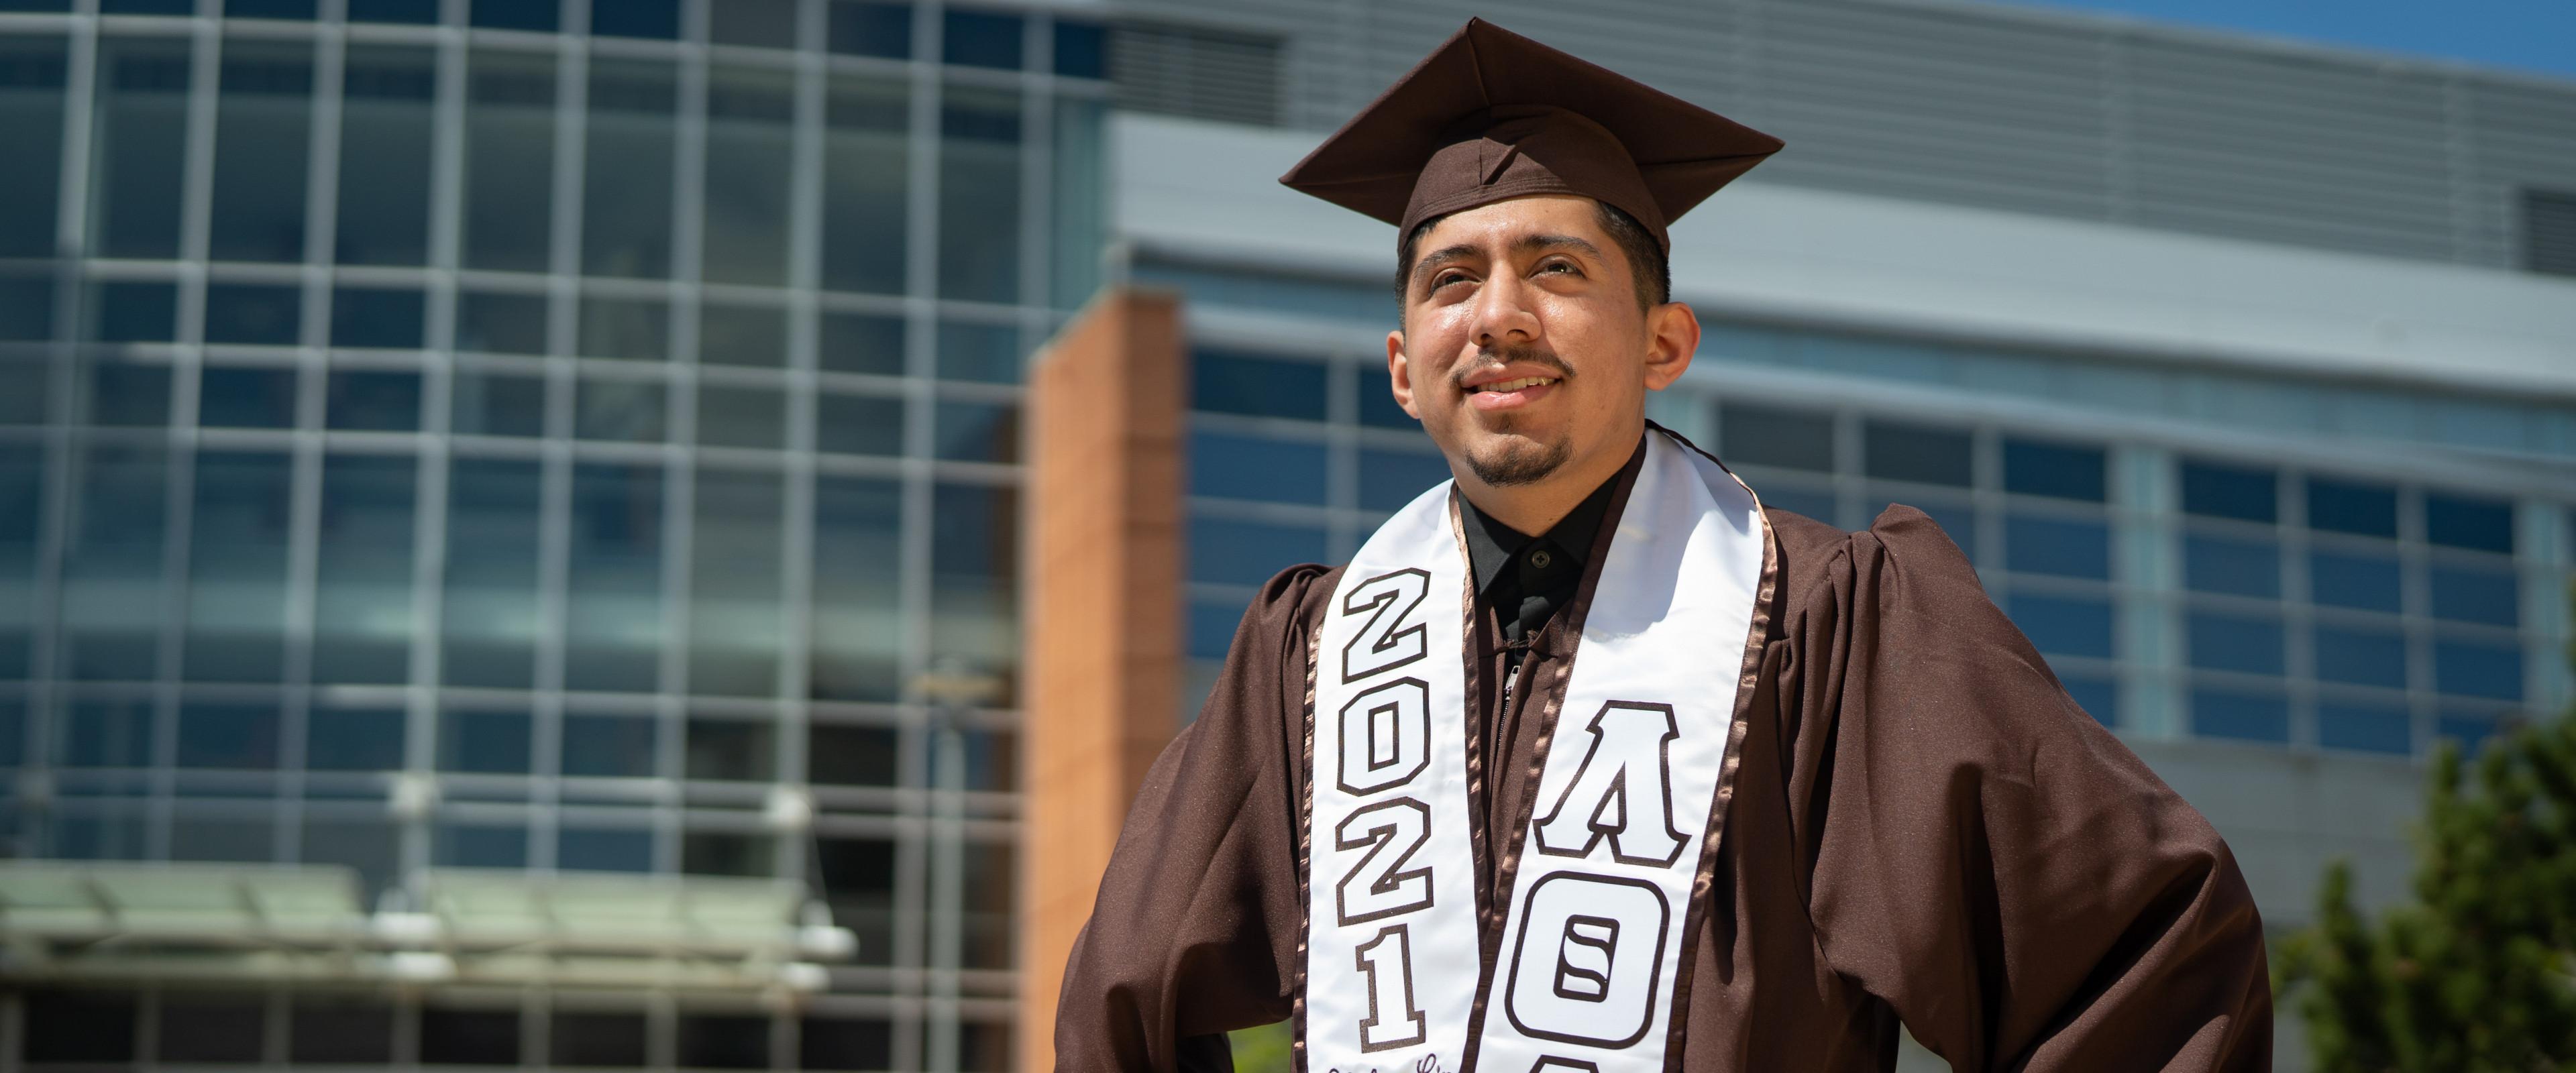 Jovanny Ruiz-Alavez stands in his graduation cap and gown